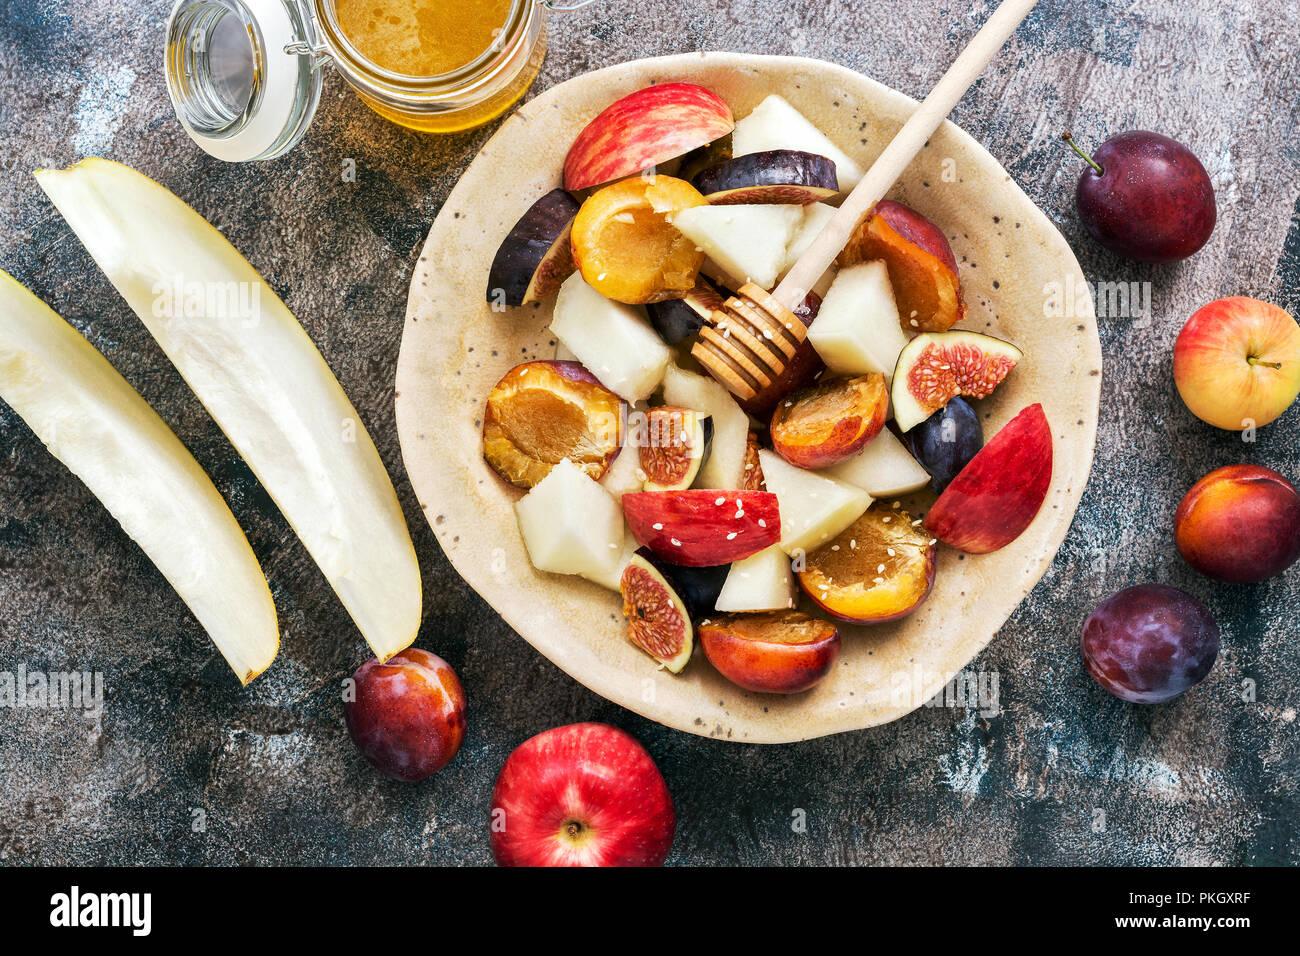 Frutta fresca insalata di melone, fichi, mele, susine e miele al buio su un sfondo rustico, vista dall'alto. Il concetto di mangiare sano. laici piatta Immagini Stock